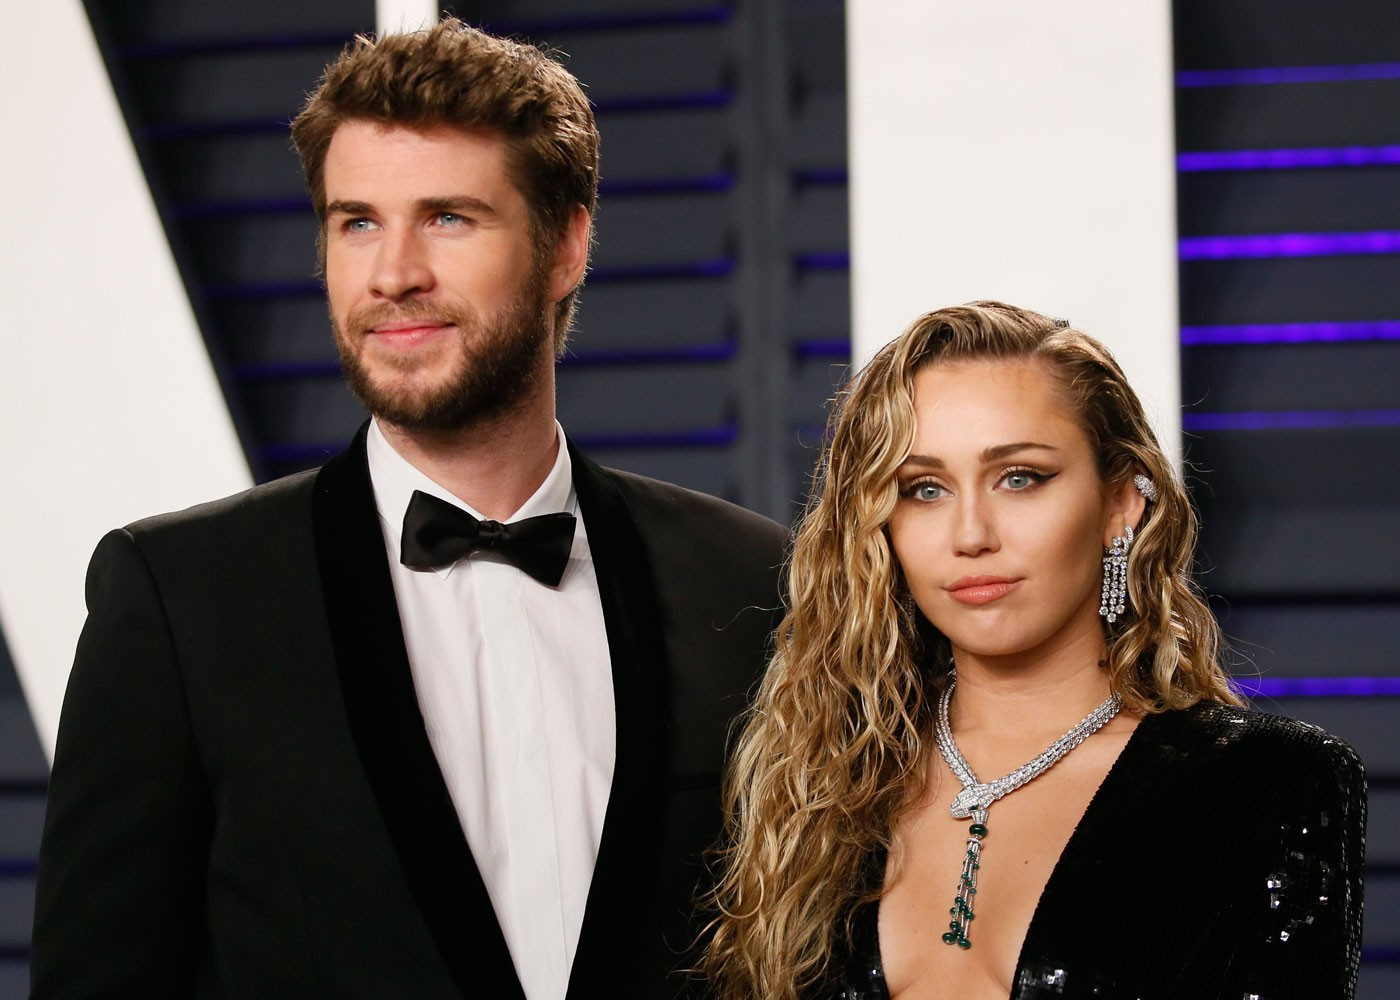 Miley Cyrus nega traição a Liam Hemsworth: 'Não tenho nada a esconder' - Notícias - Plantão Diário